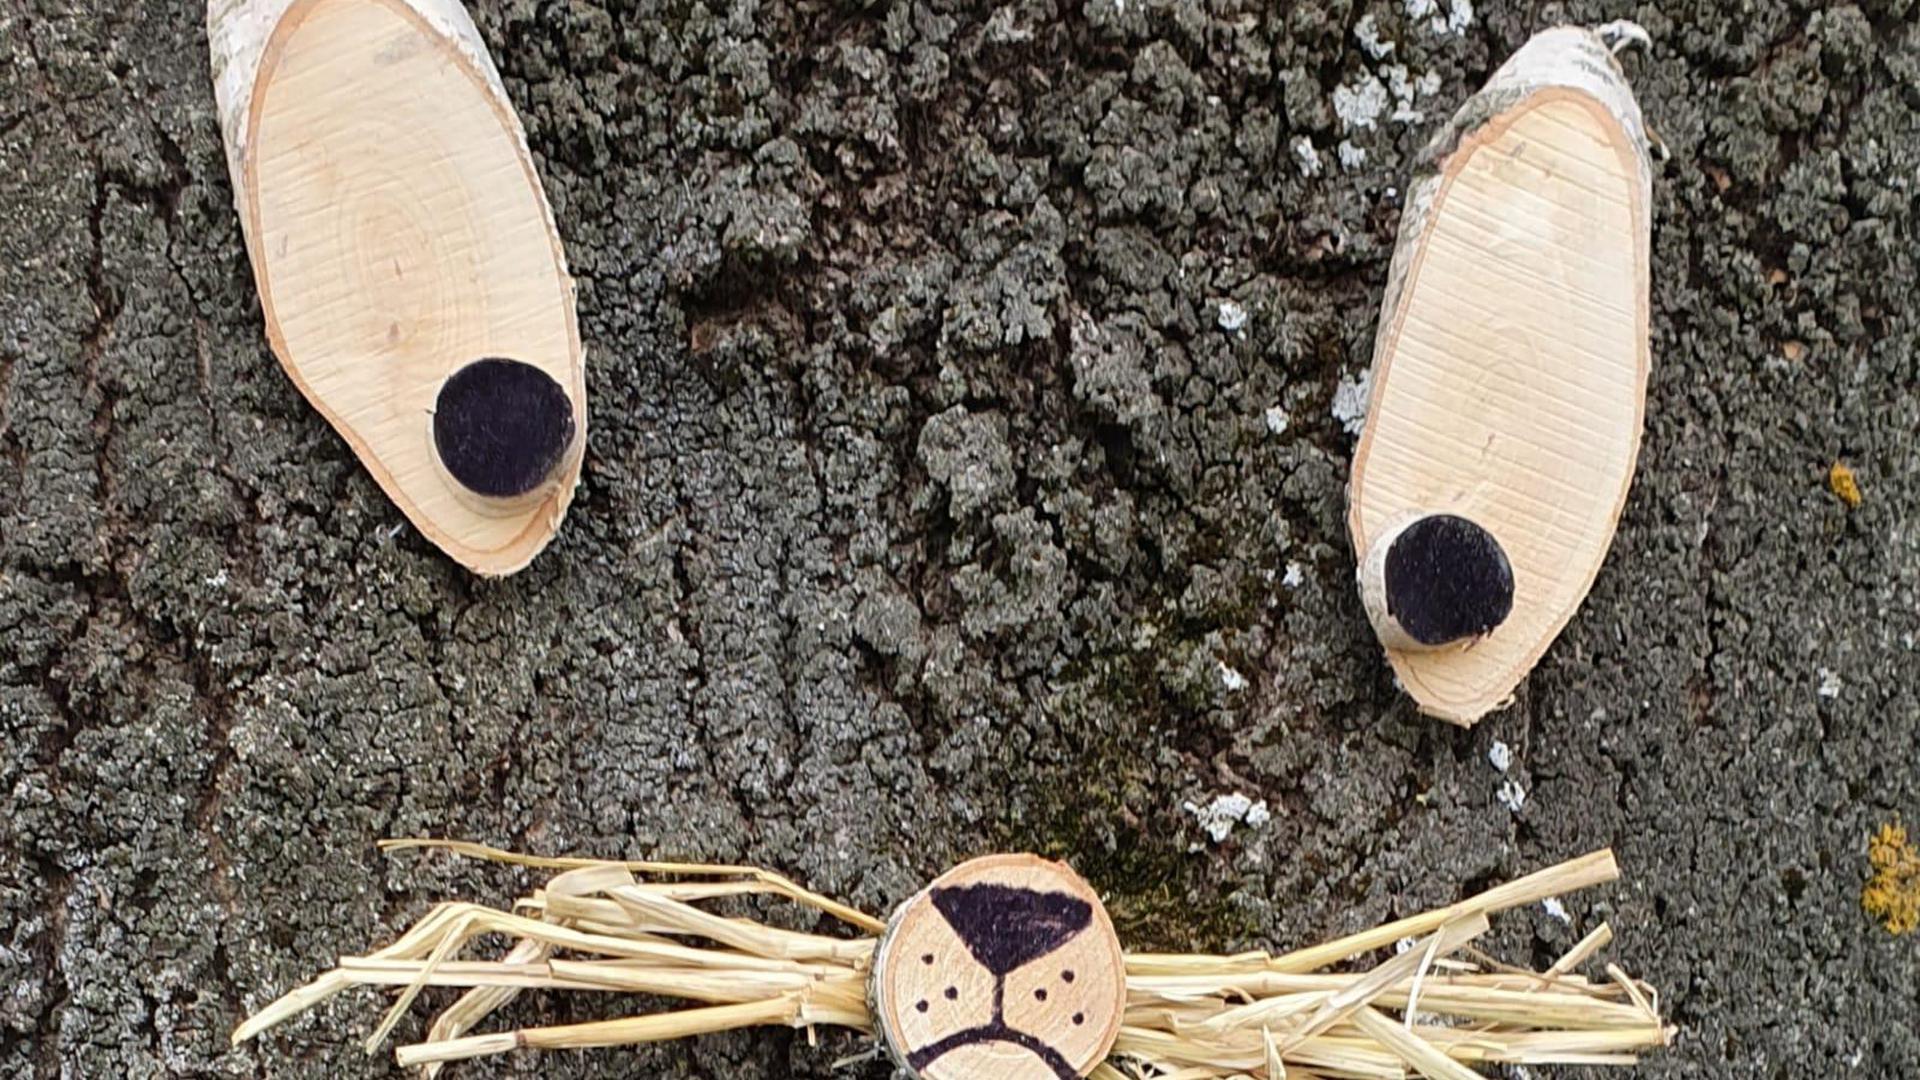 Einfach süß - diese Baumgeister.